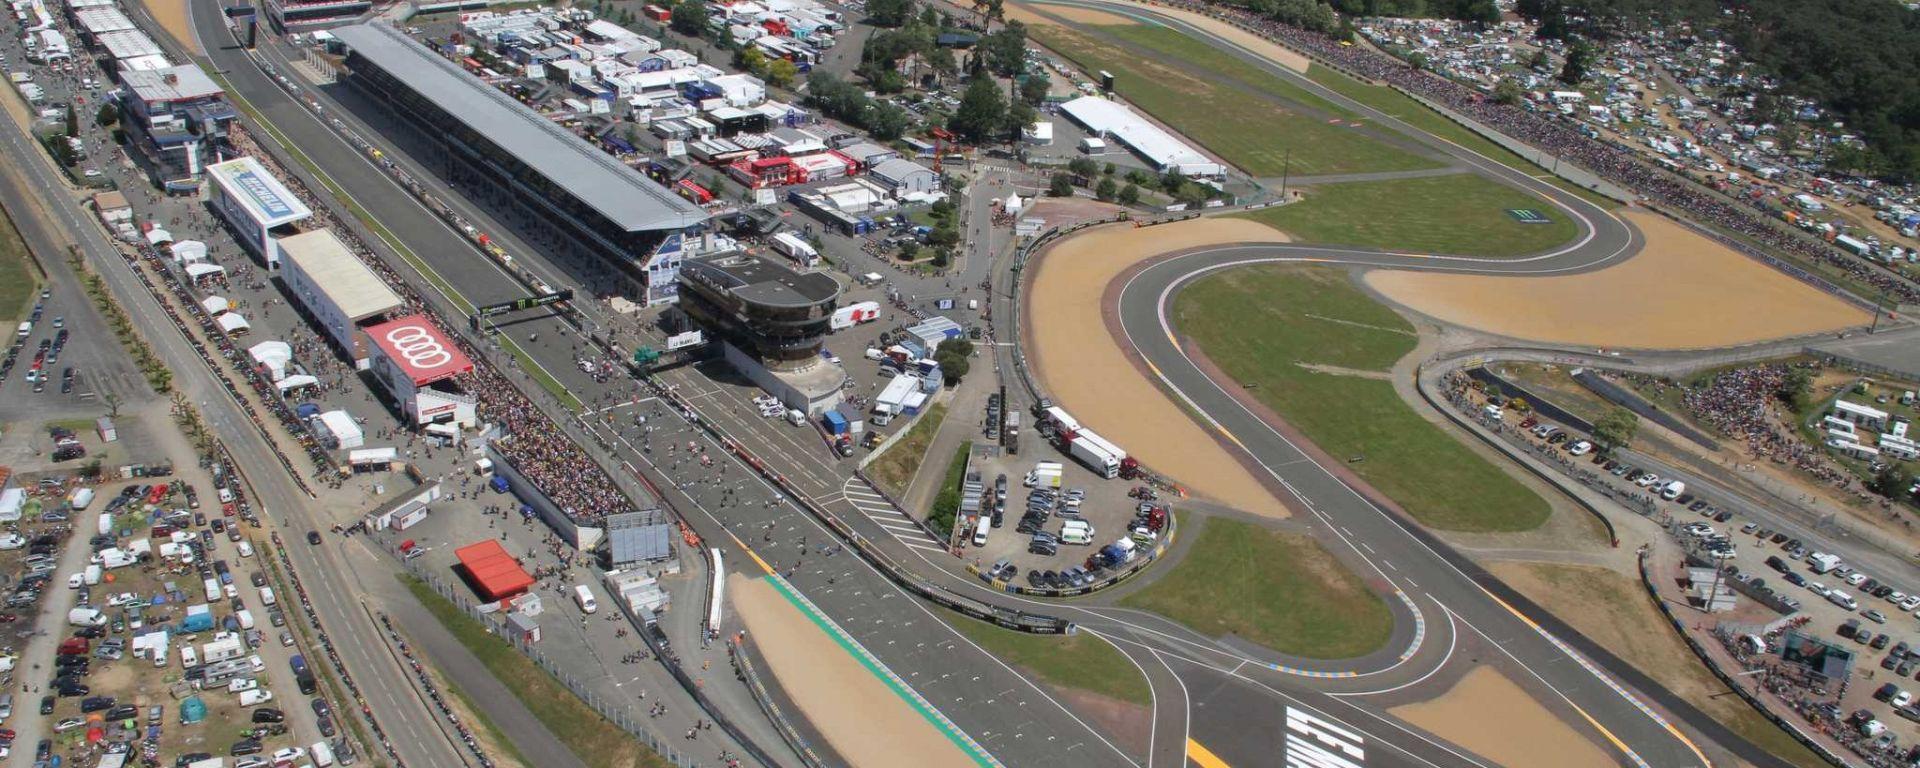 MotoGP Le Mans Francia: Prove libere, qualifiche, risultati gara